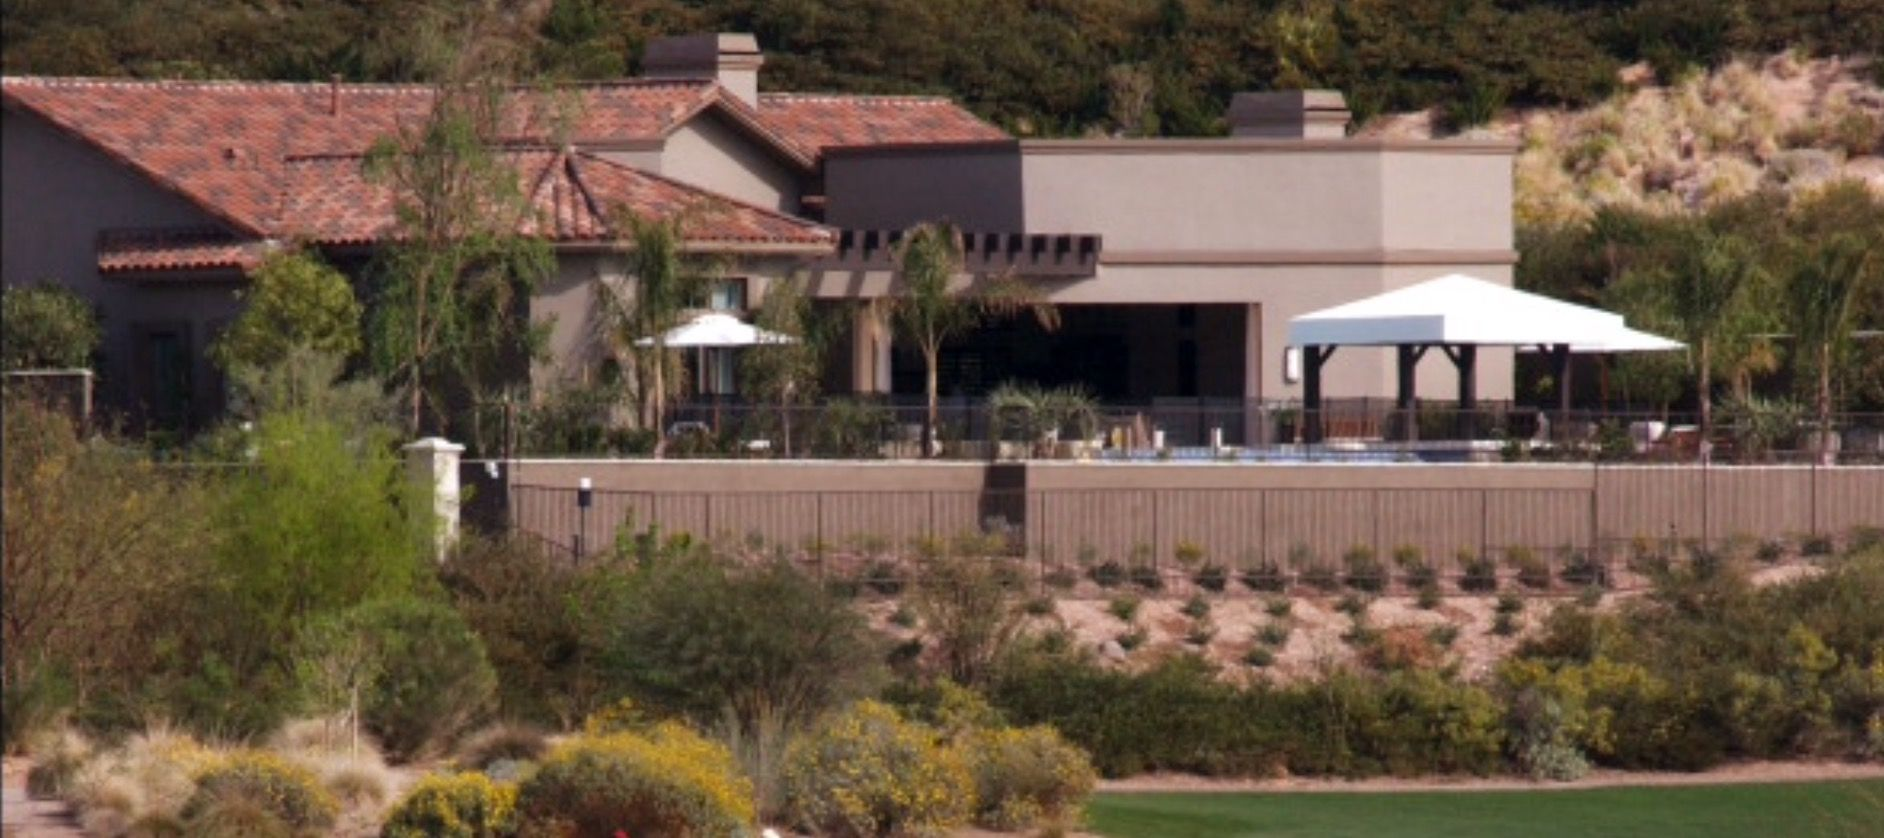 Maison De Celine Dion Las Vegas  E  D F F F Bbhenderson